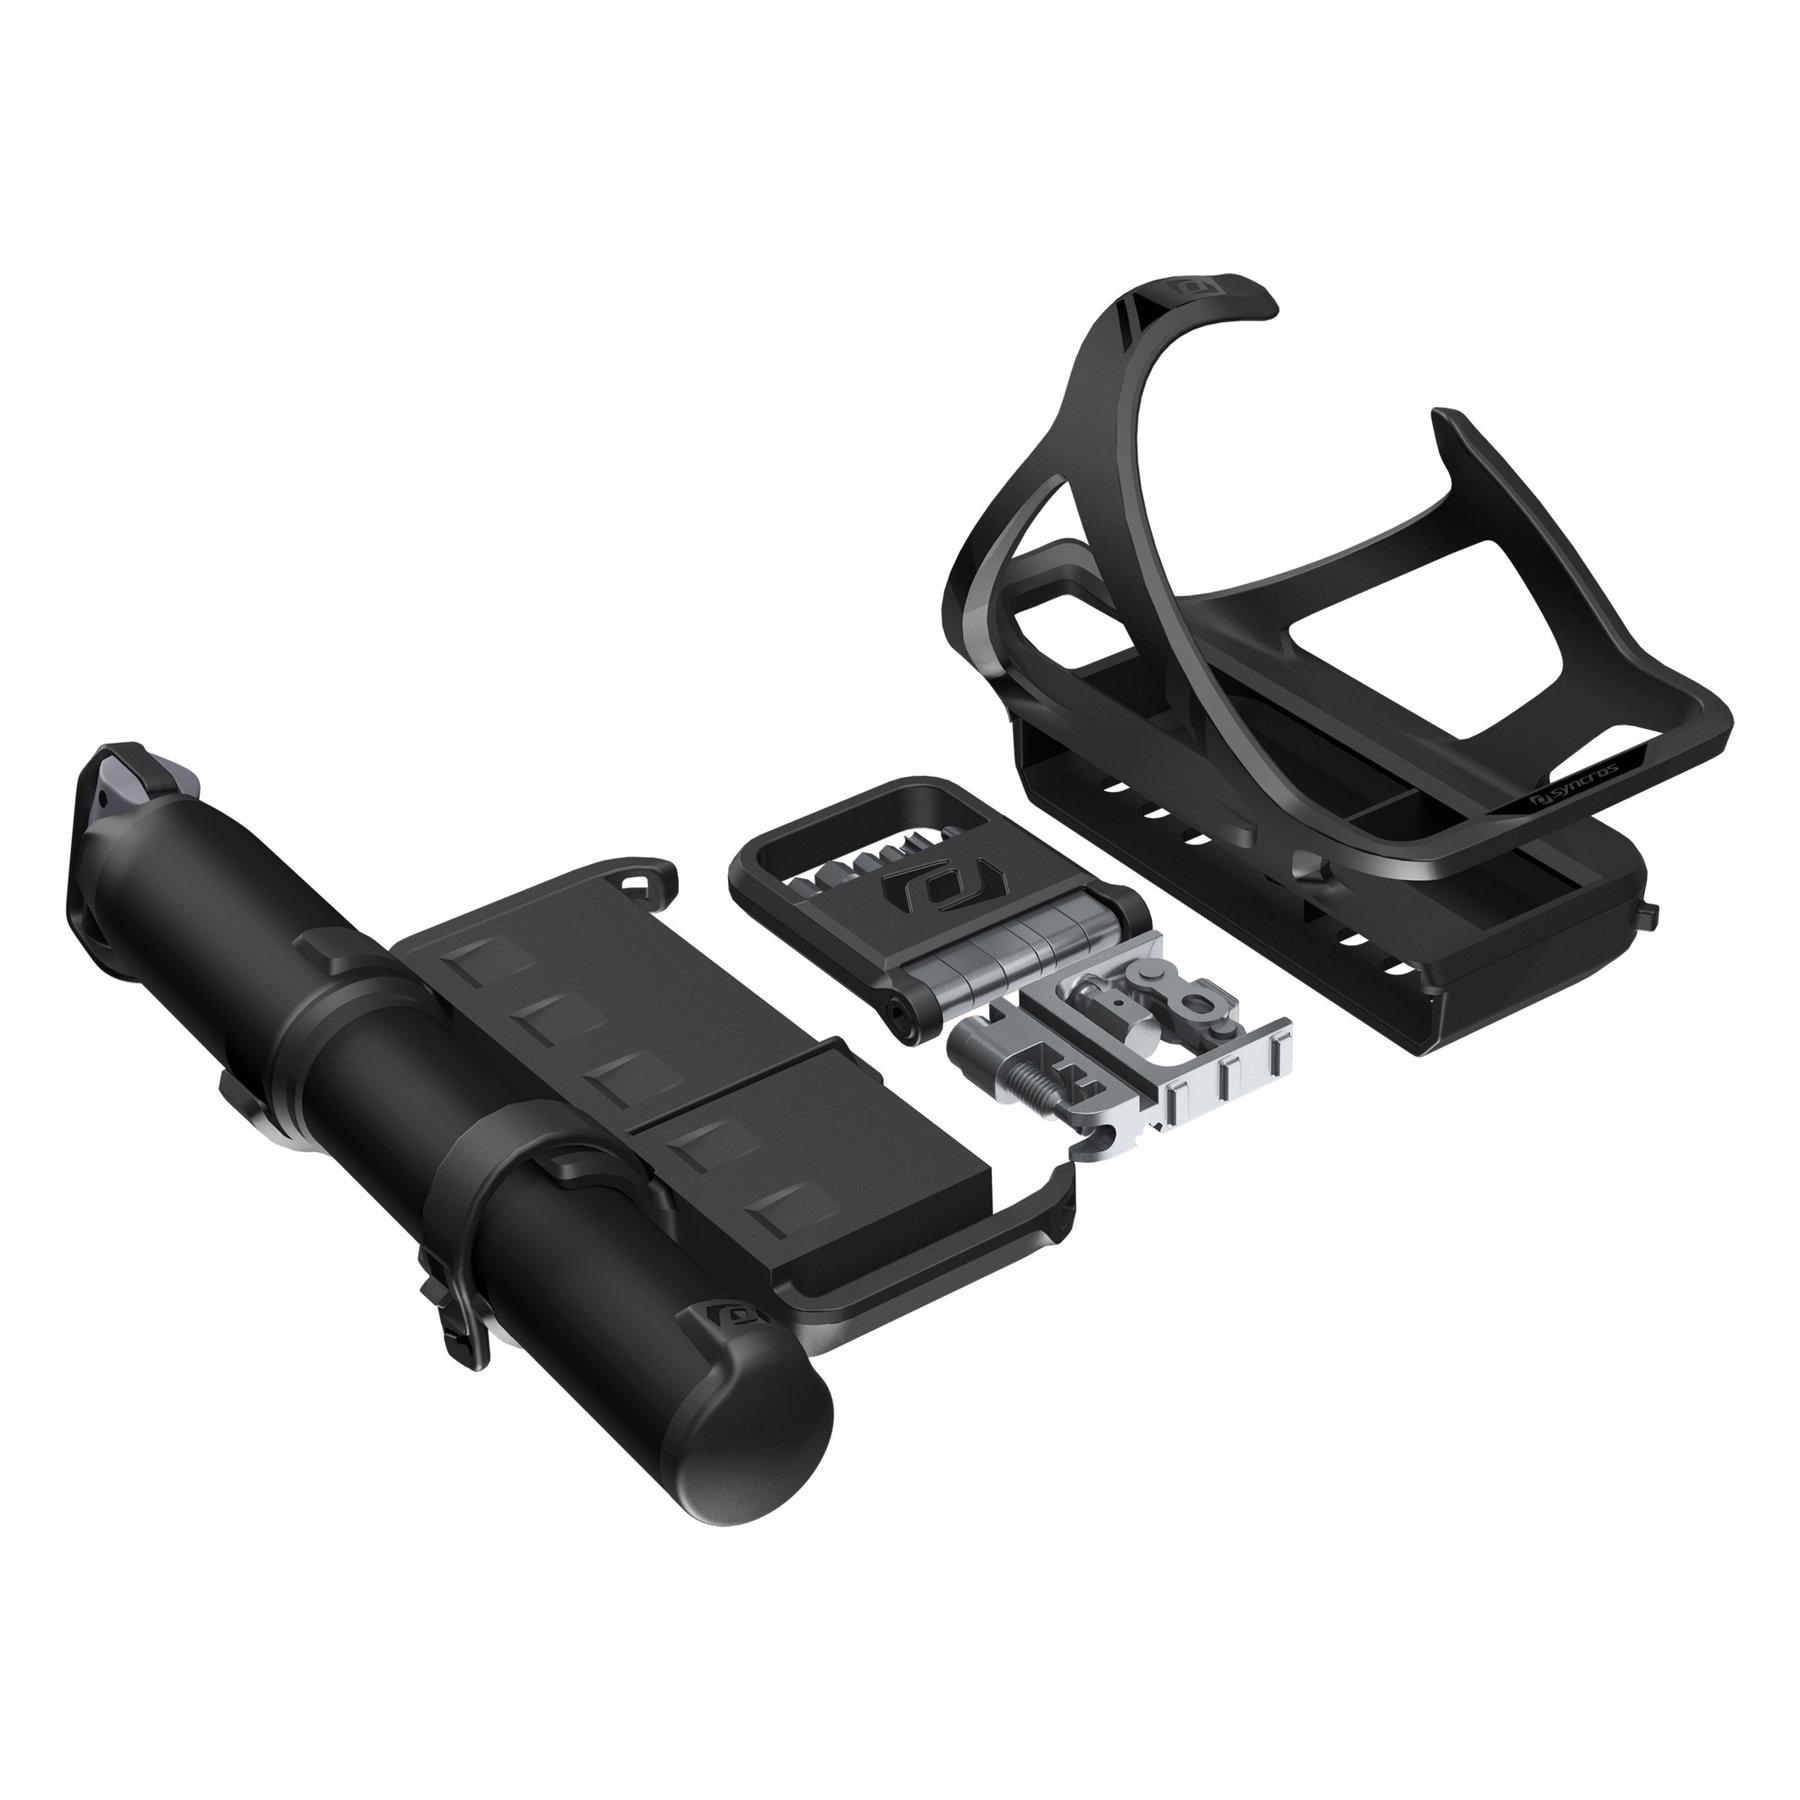 Syncros a jeho důmyslné řešení uložení potřeb pro cyklistu pod košík na bidon.